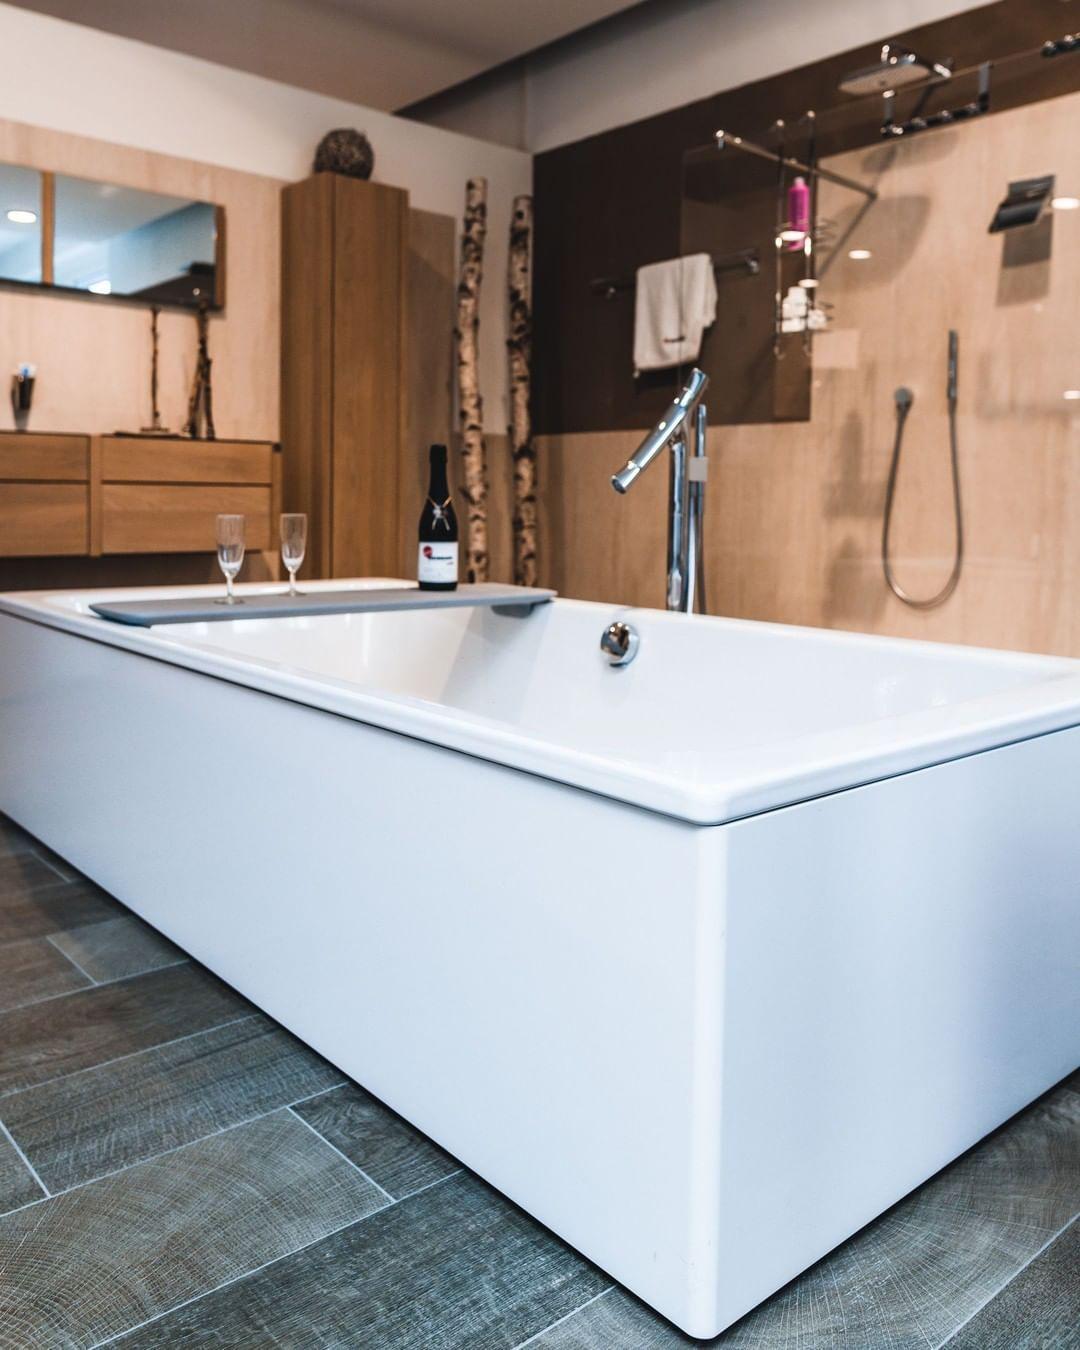 Du Mochtest Dein Bad Renovieren Oder Planst Einen Neubau Wir Bieten Dir Eine Ganzheitliche Planung Inkl Fliesenberatung I Bathrooms Remodel Bathroom Bathtub